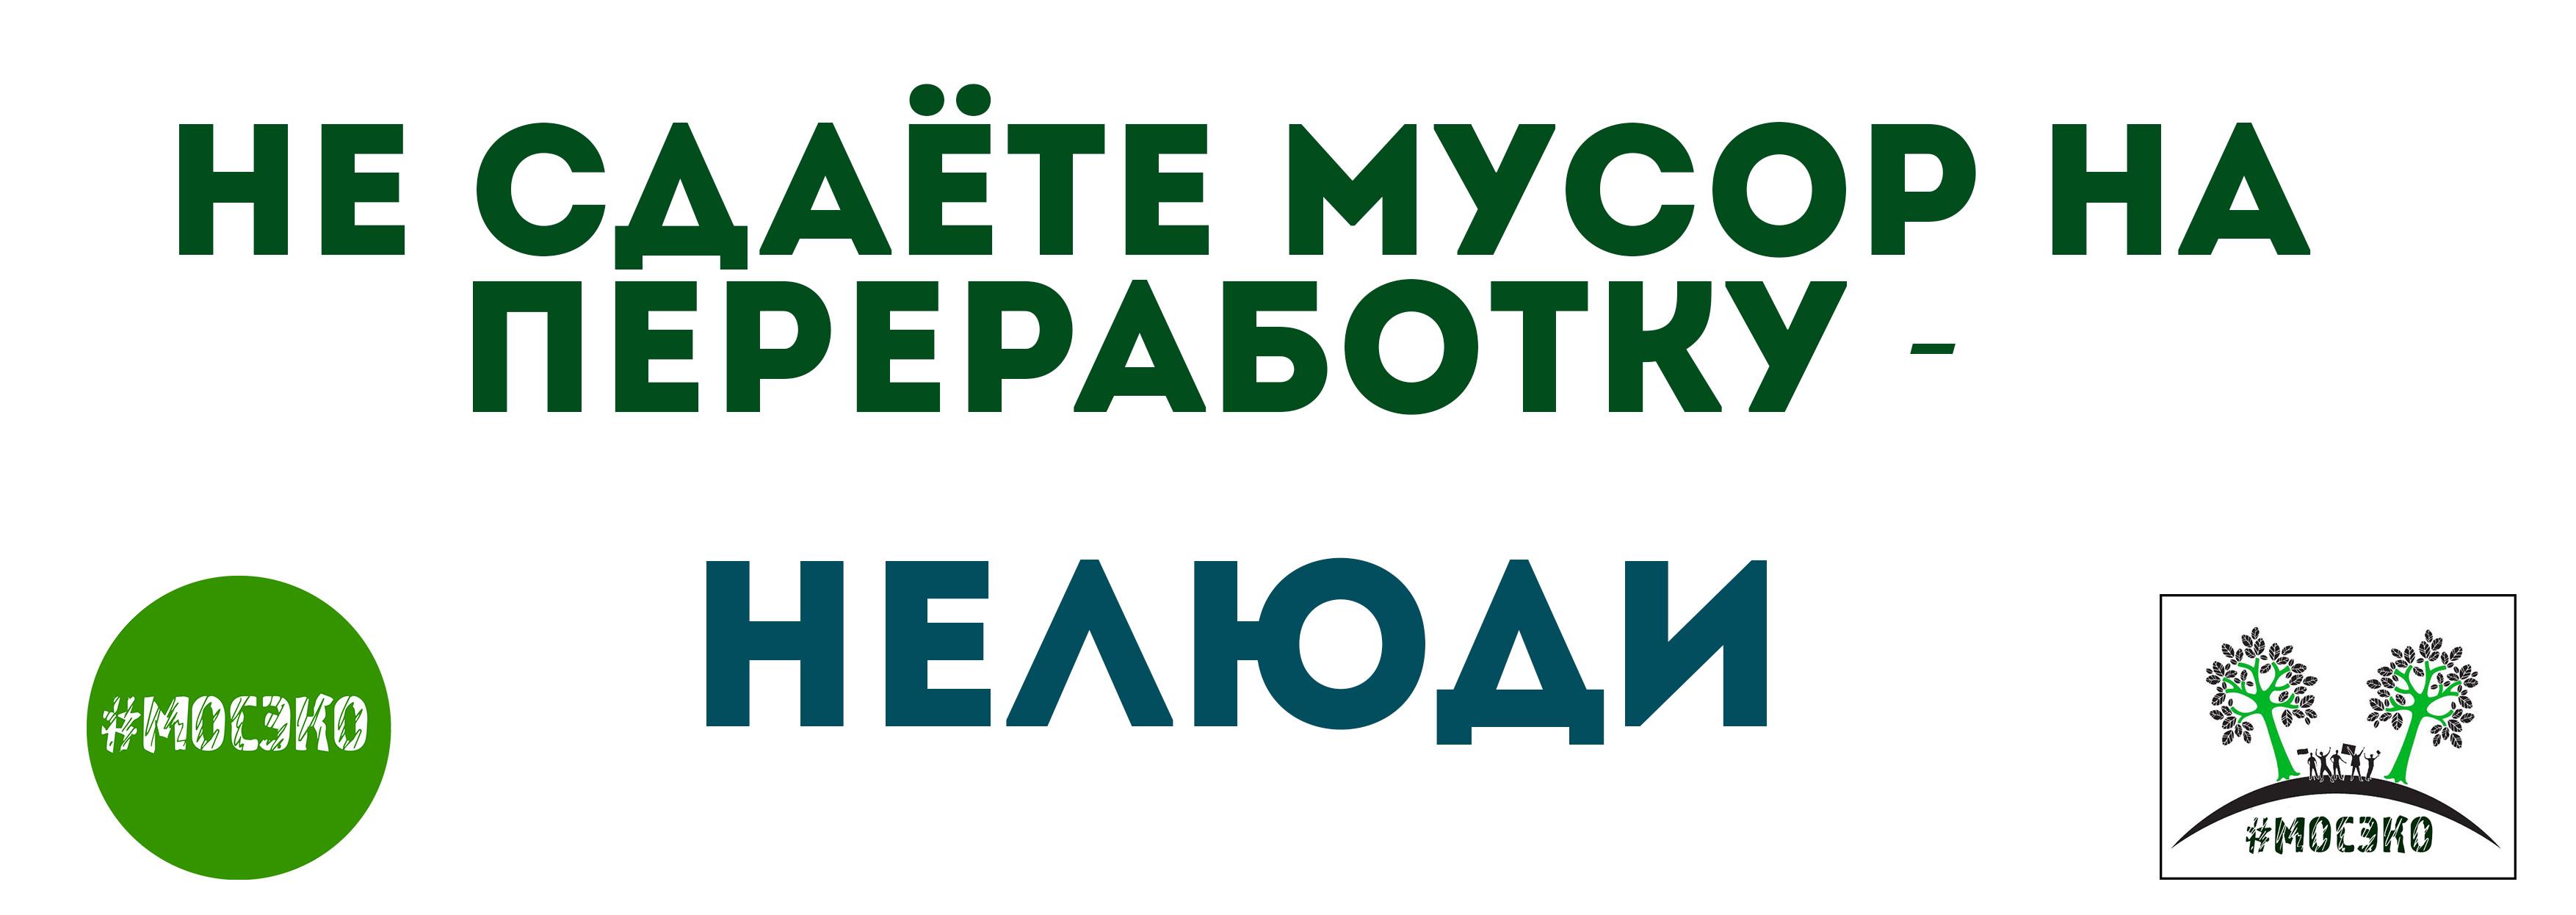 Slogans5_half